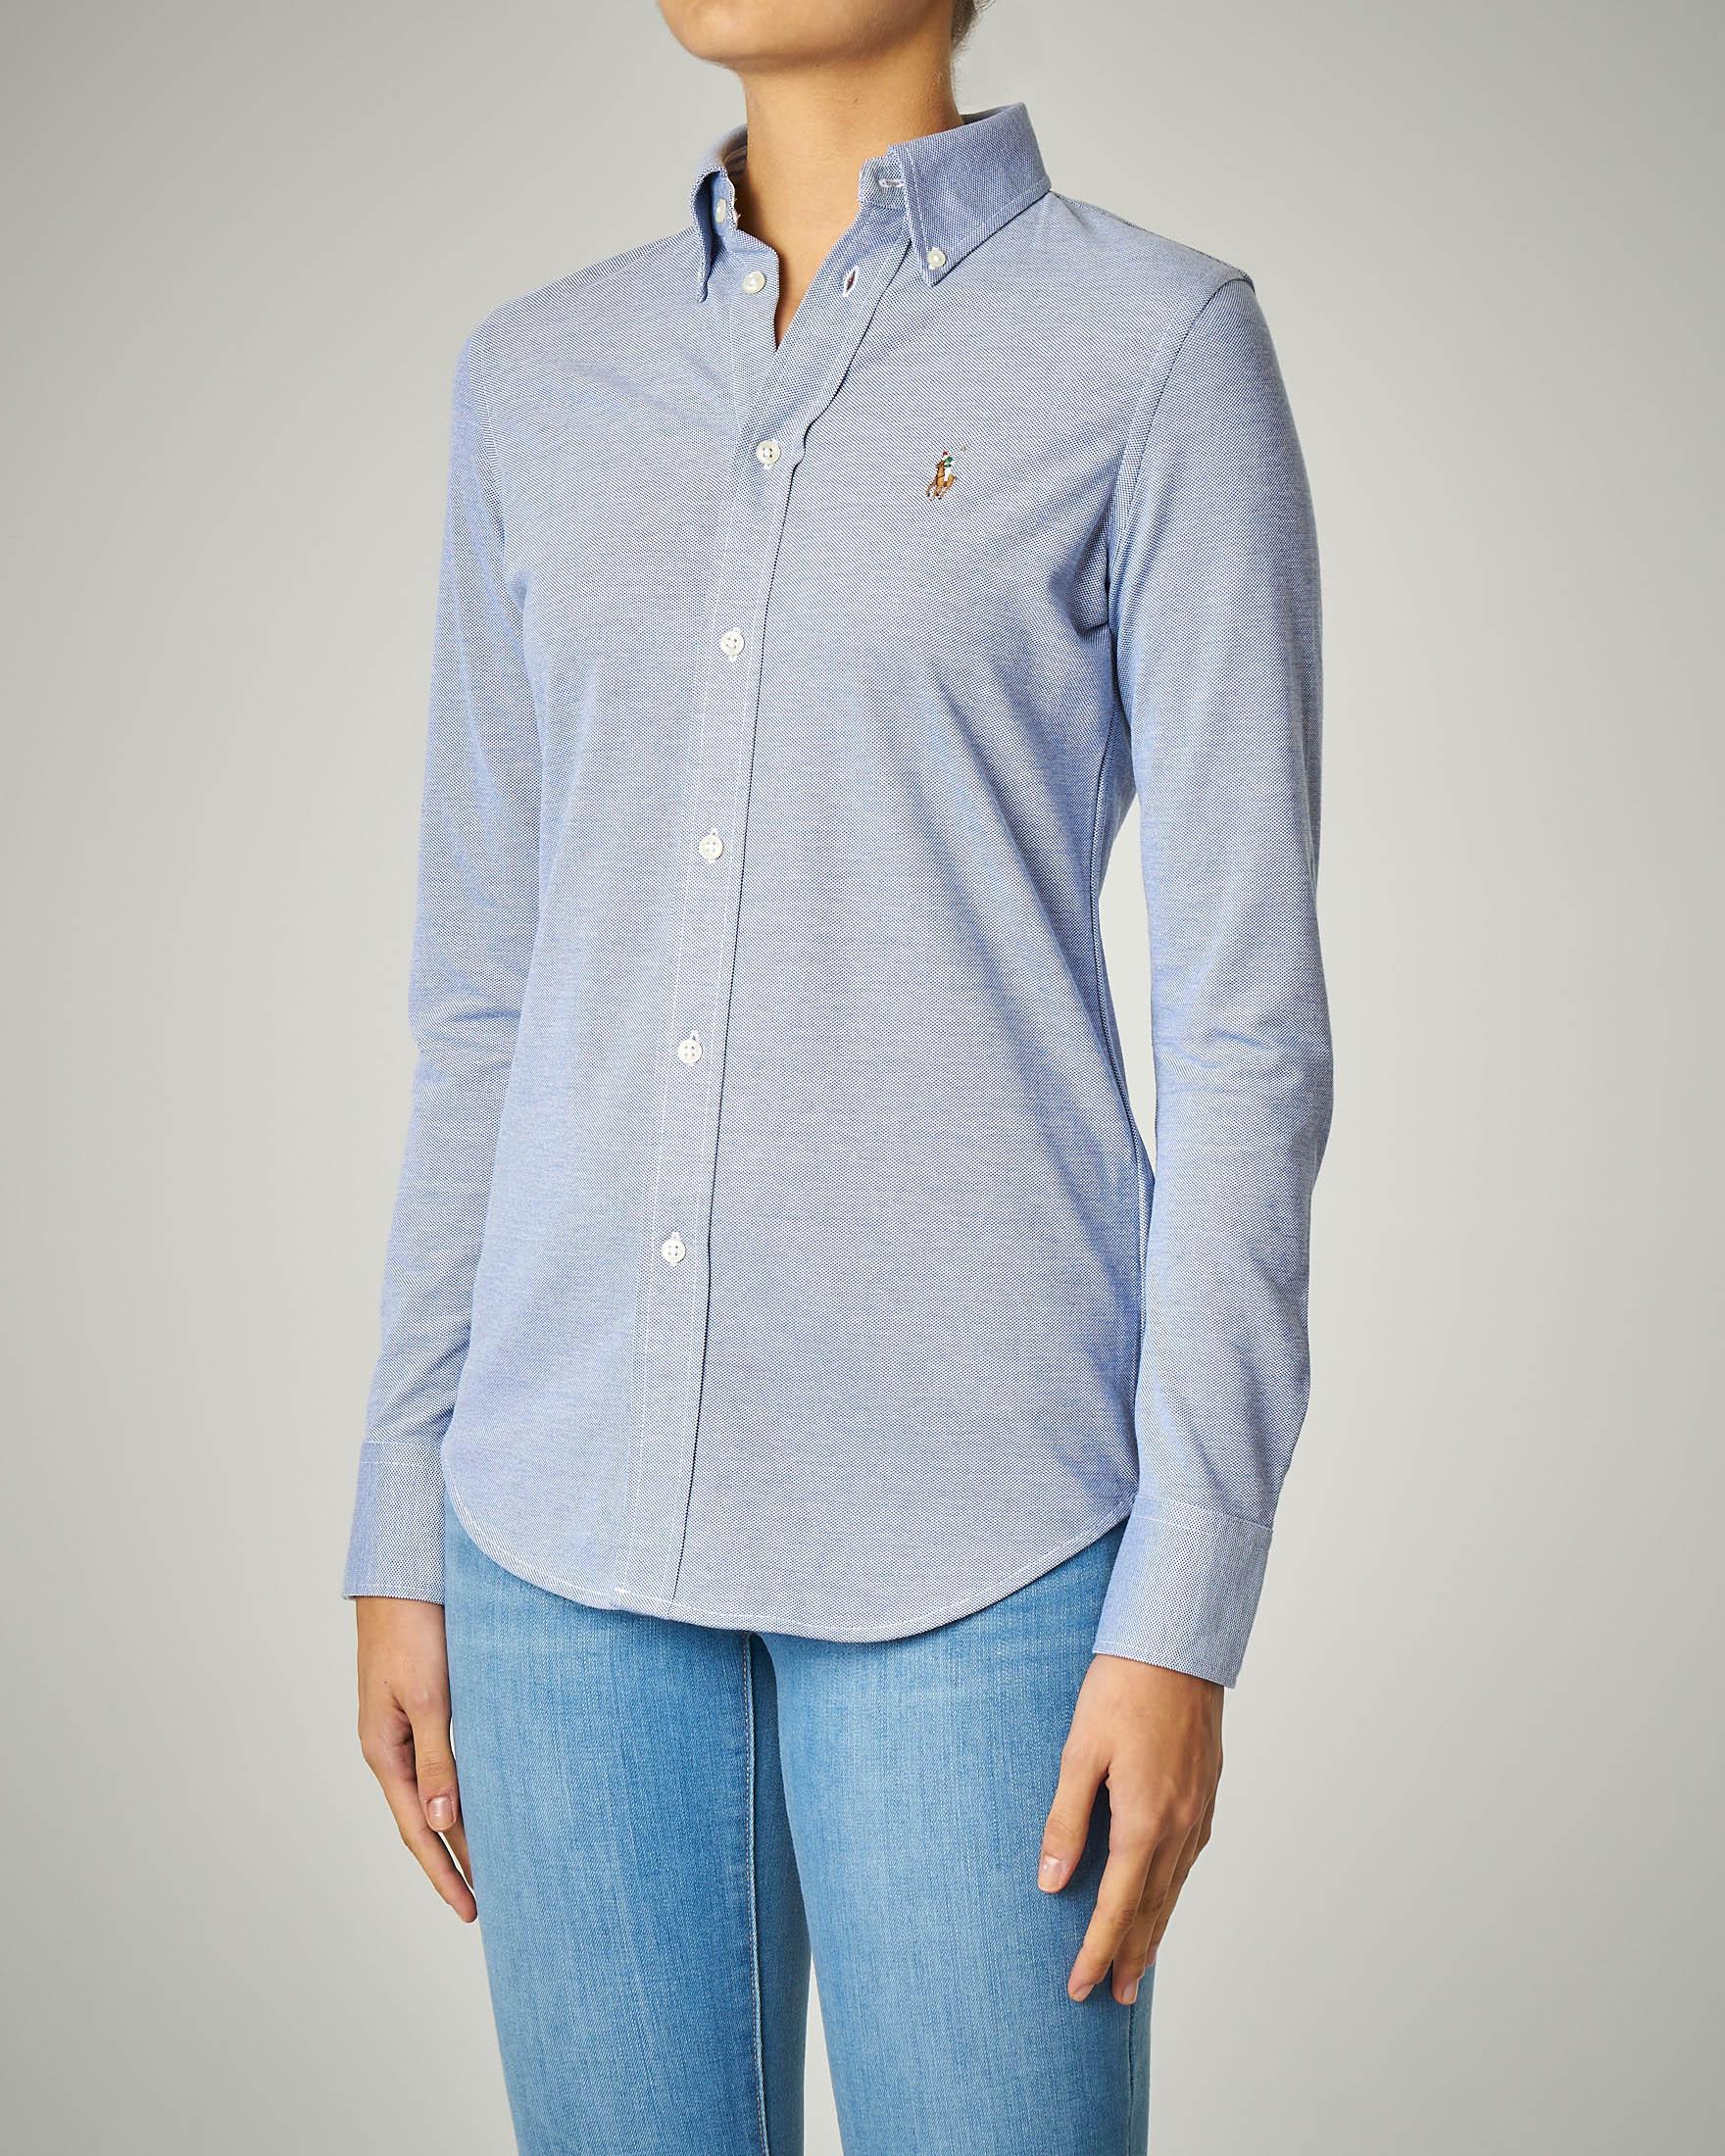 Camicia azzurra in piquè di cotone